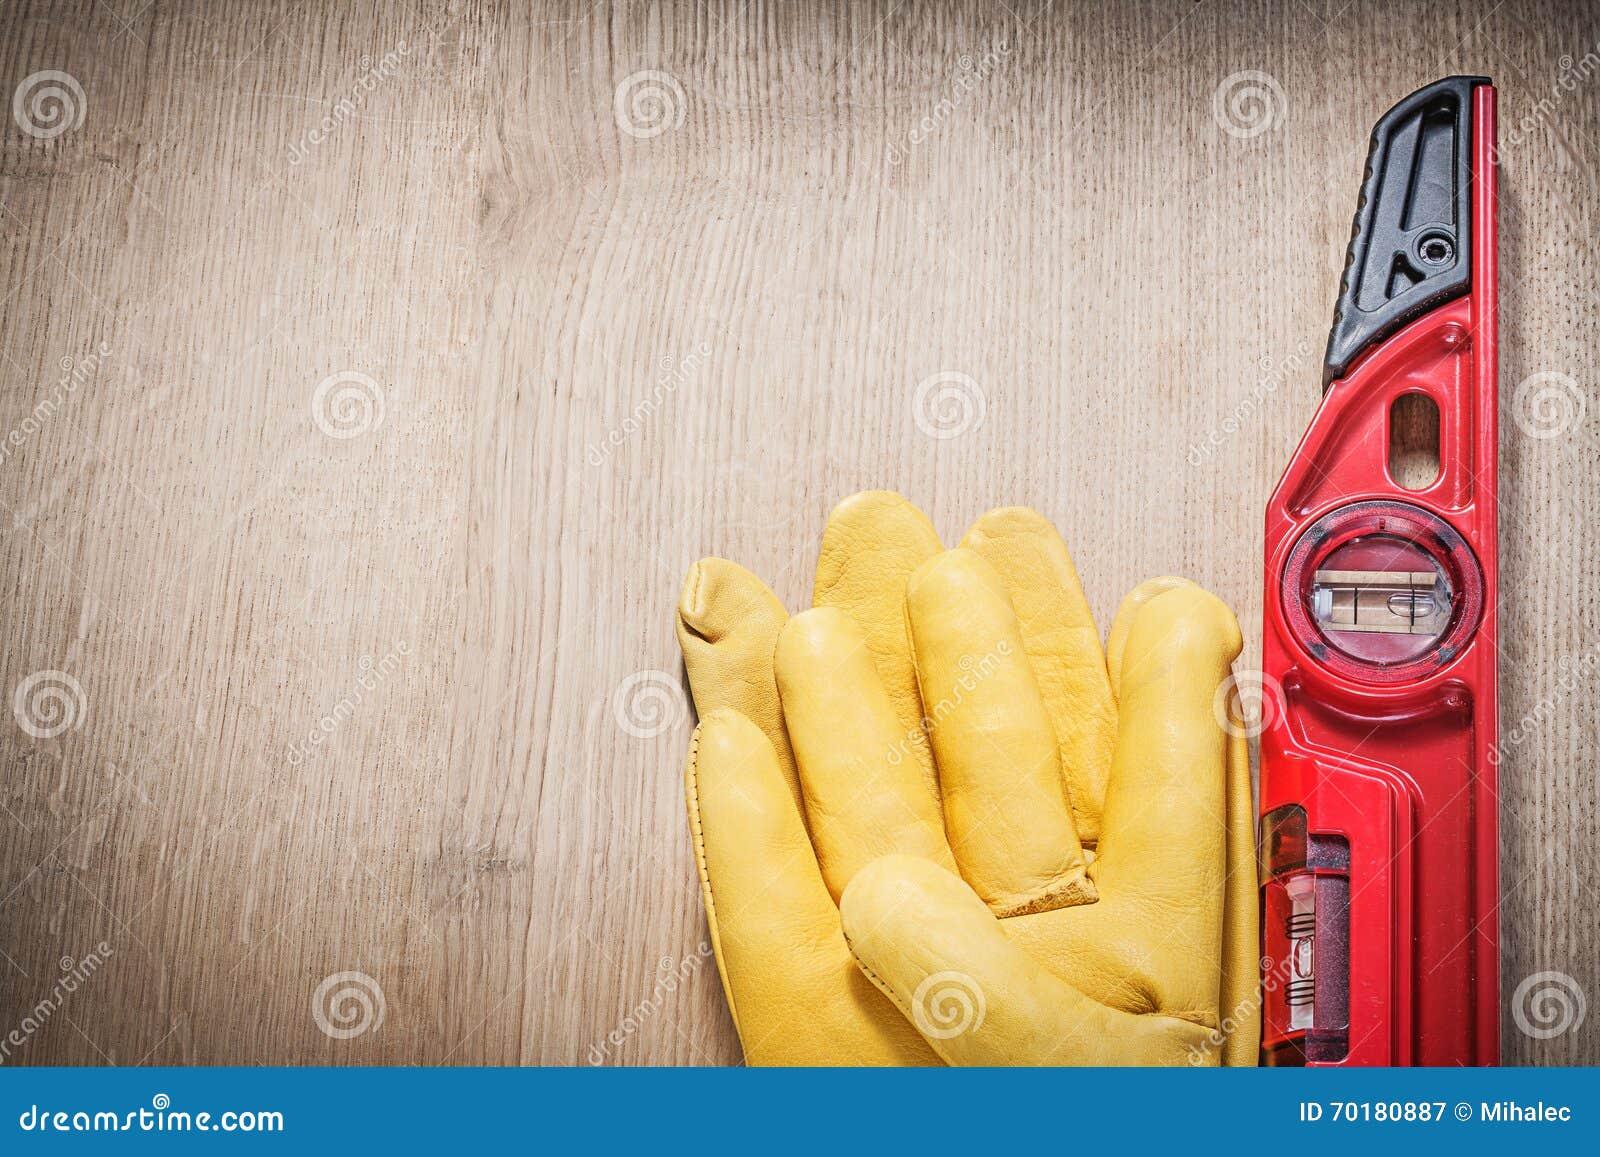 Piska den röda konstruktionsnivån för skyddande handskar på träbräde